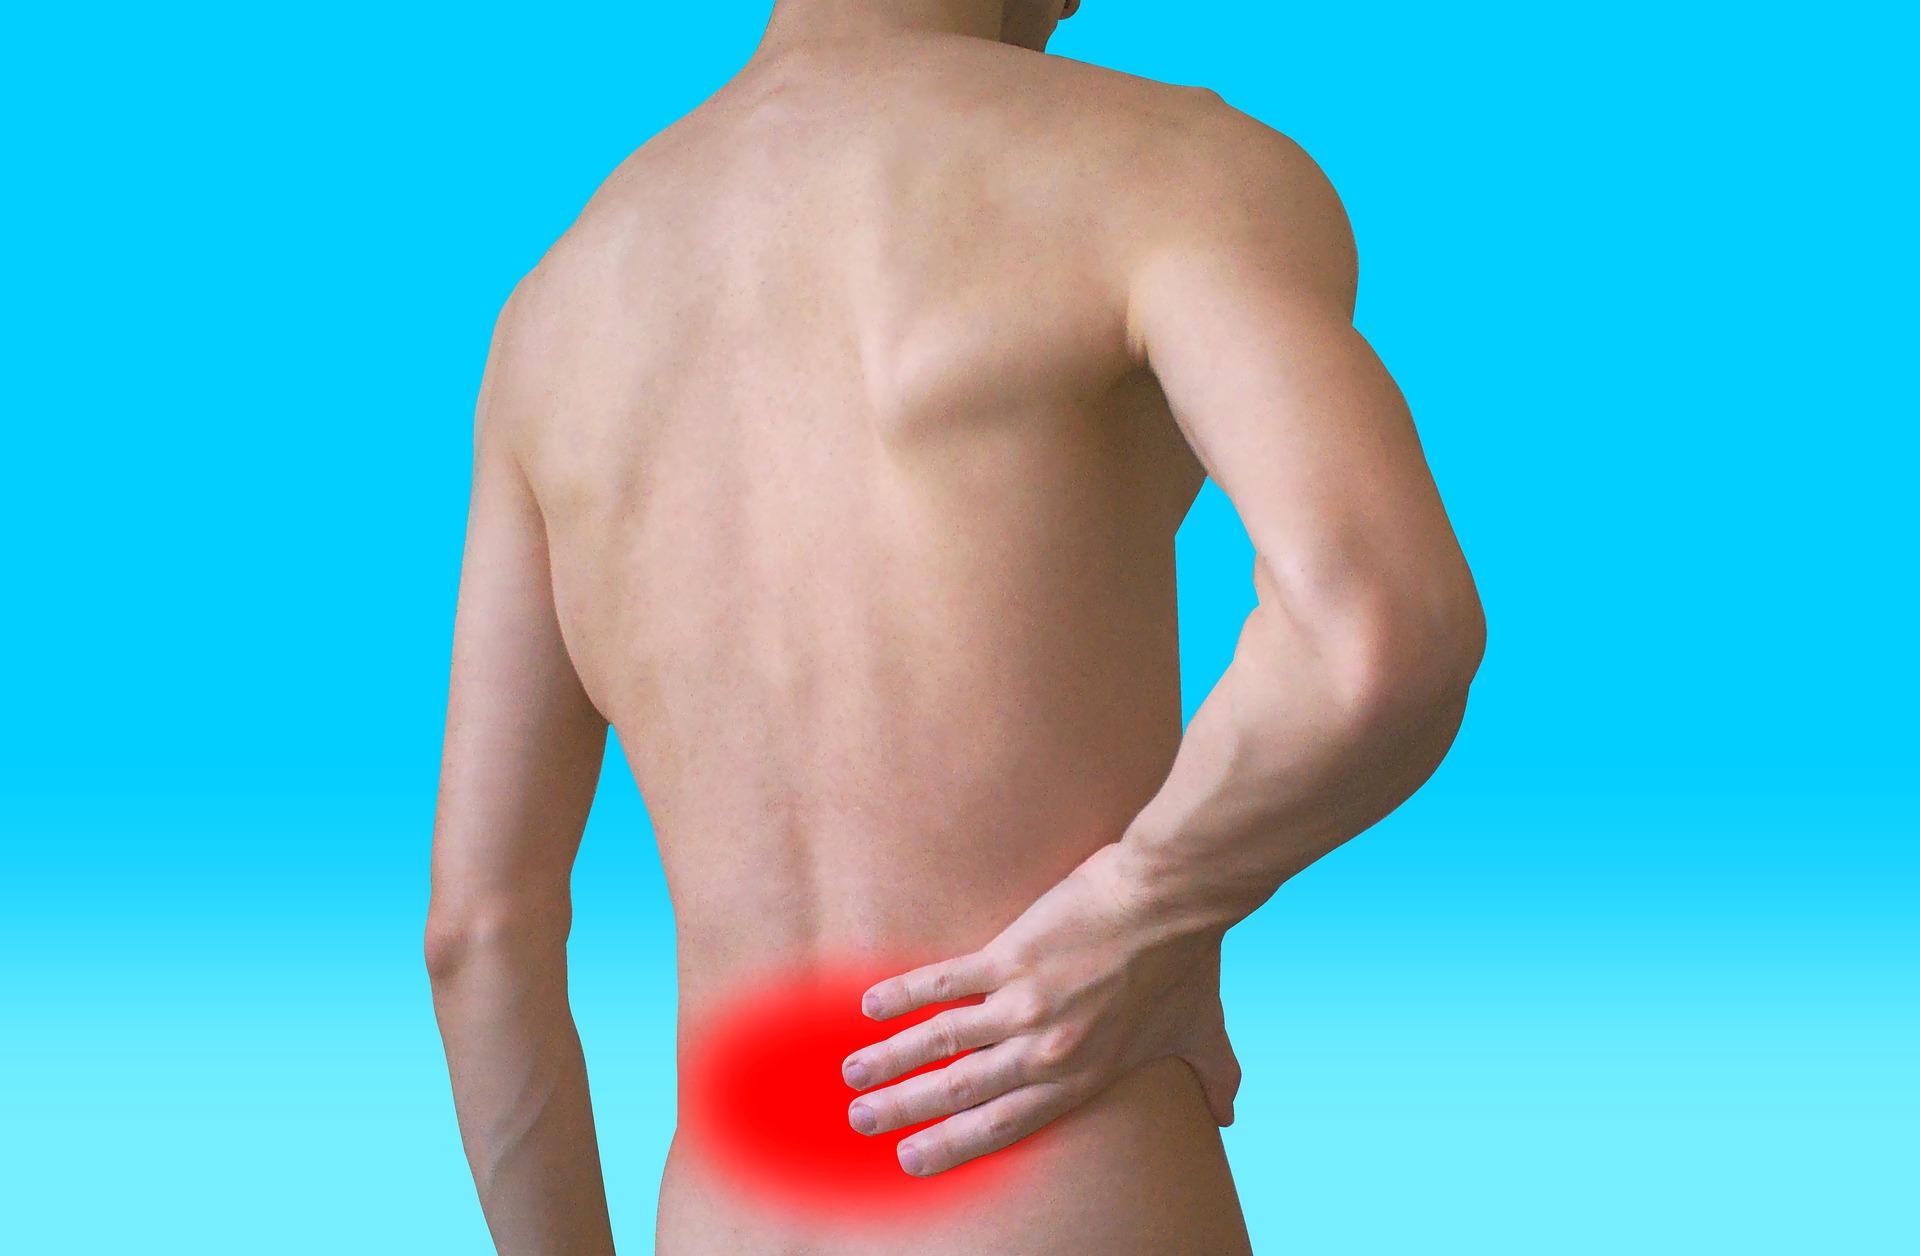 Asocian los dolores musculares a una carga excesiva de peso